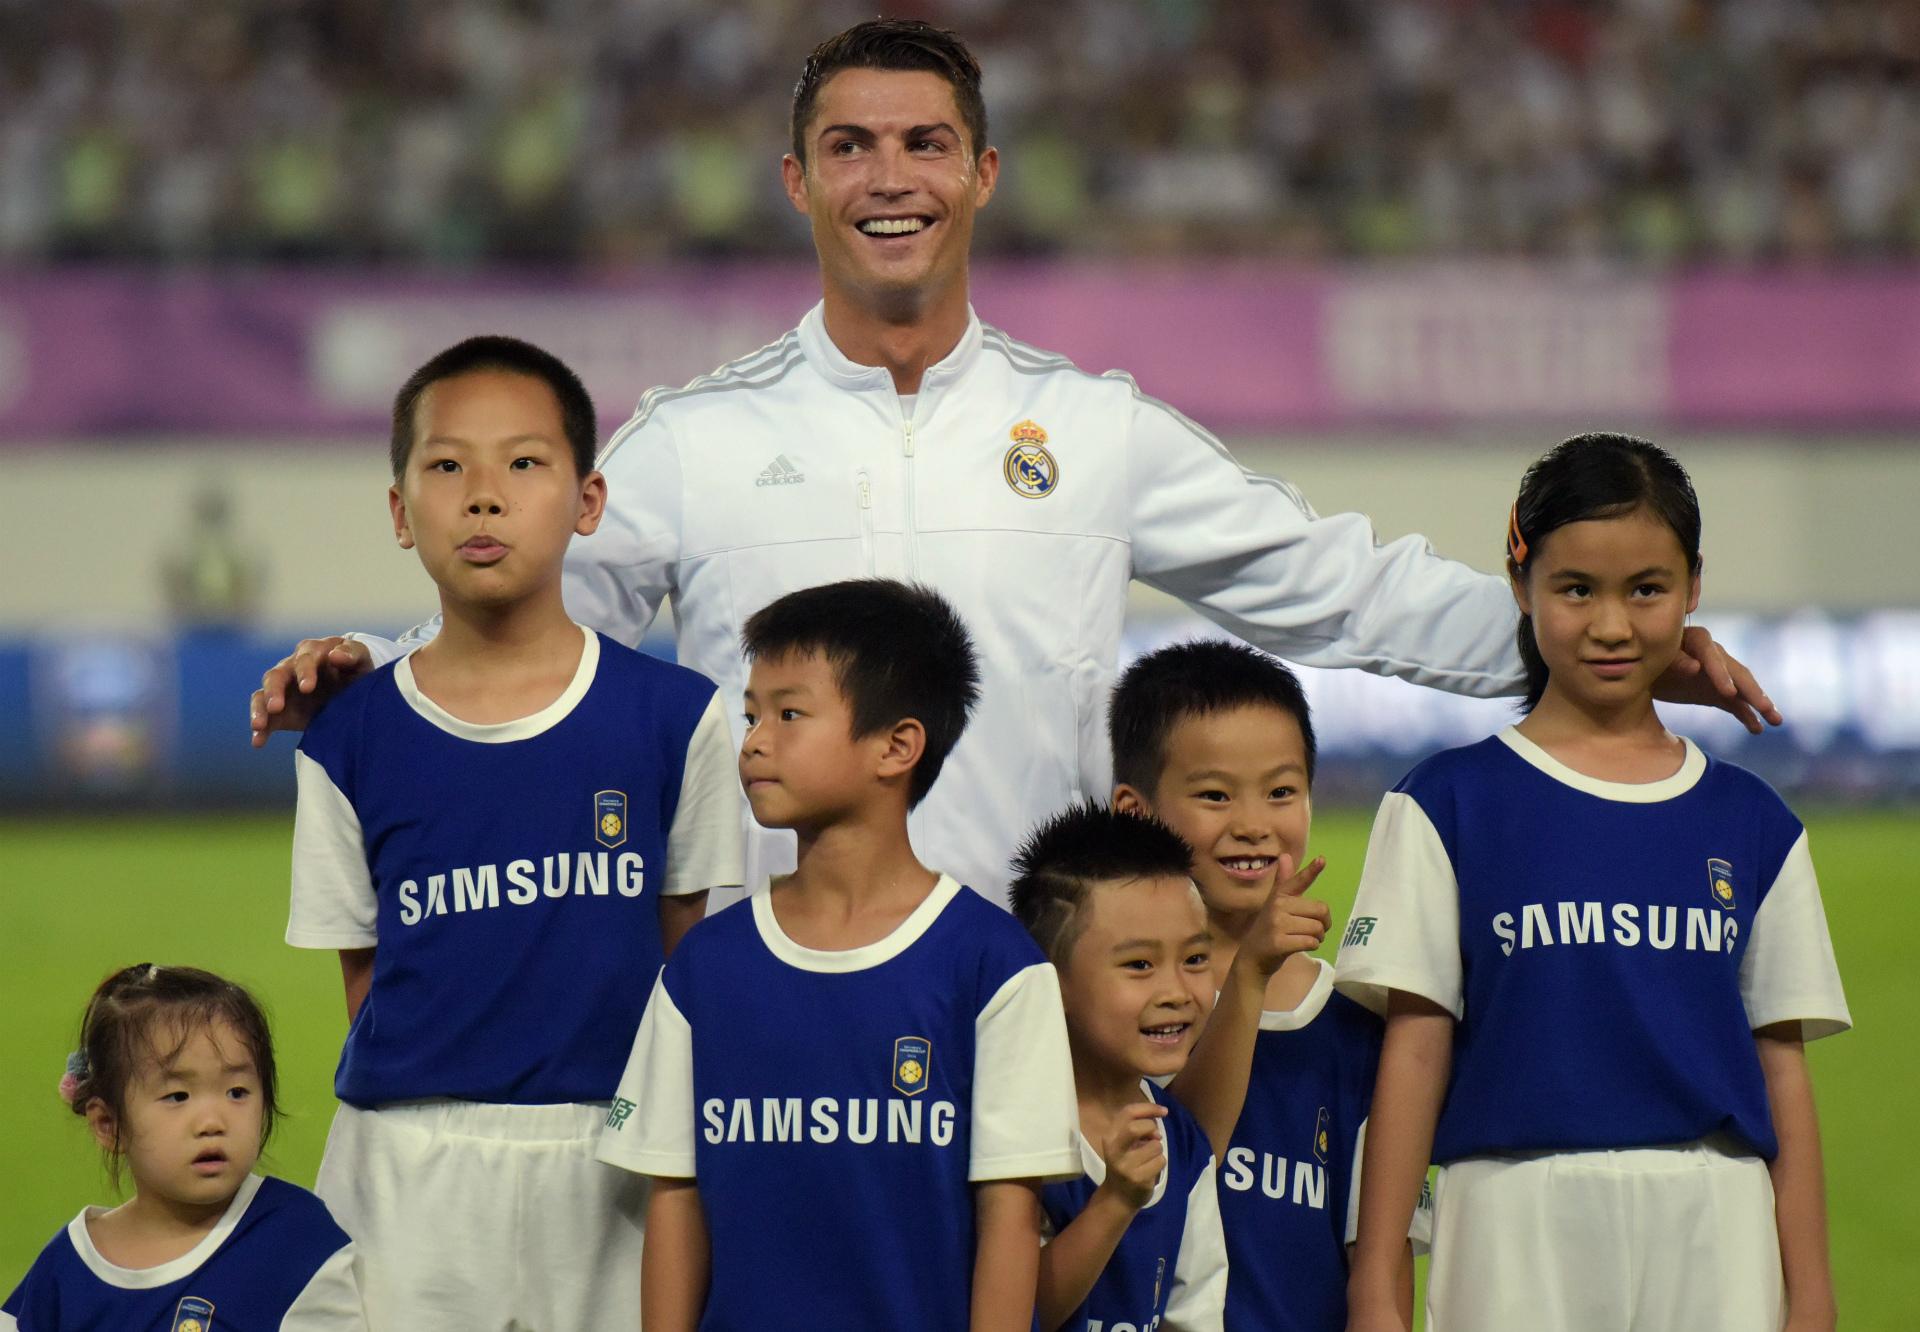 ¿Cristiano Ronaldo jugará en China? 0